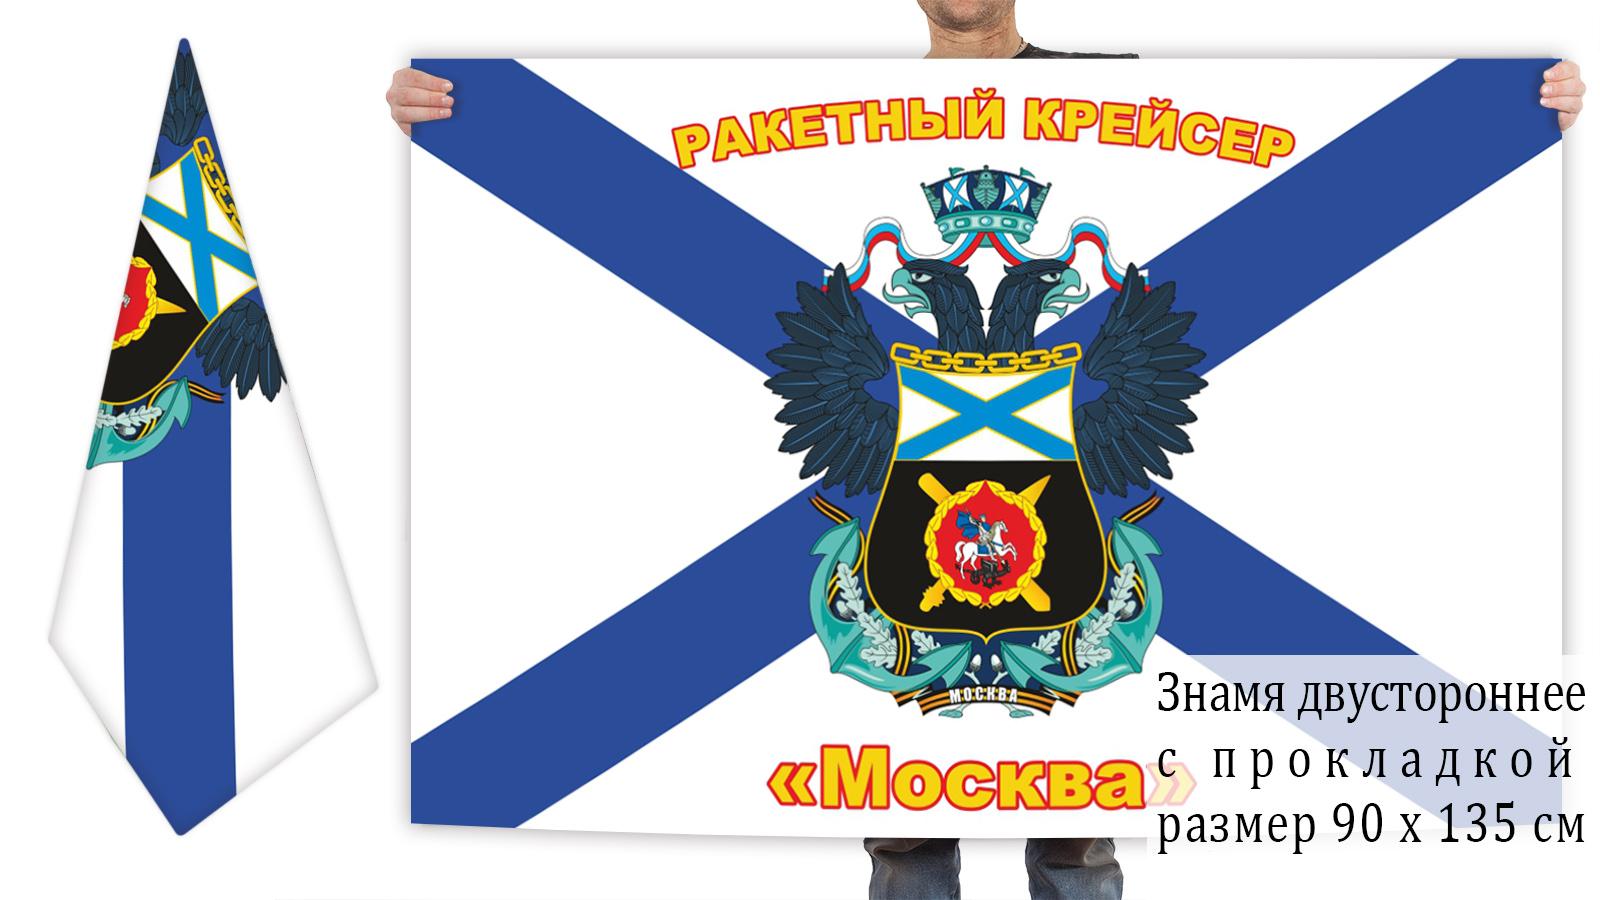 Двусторонний флаг Ракетный Крейсер Москва